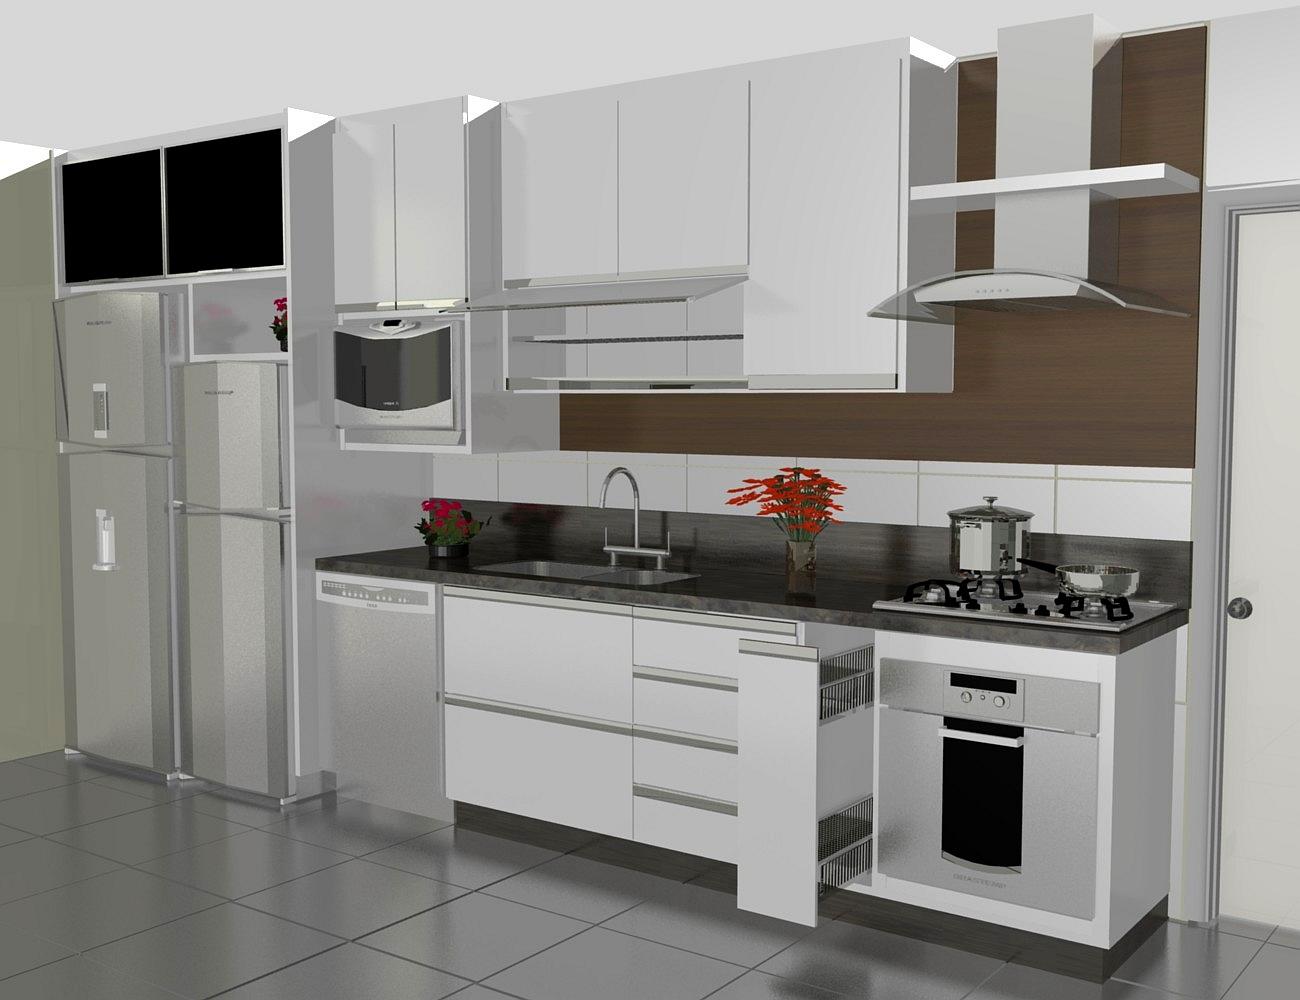 #474364 MÓVEIS PLANEJADOS MARCENARIA CASACOR NOIVAS PAINEL LACA  1300x1000 px Armario De Cozinha Em 2018 Casas Bahia #3018 imagens